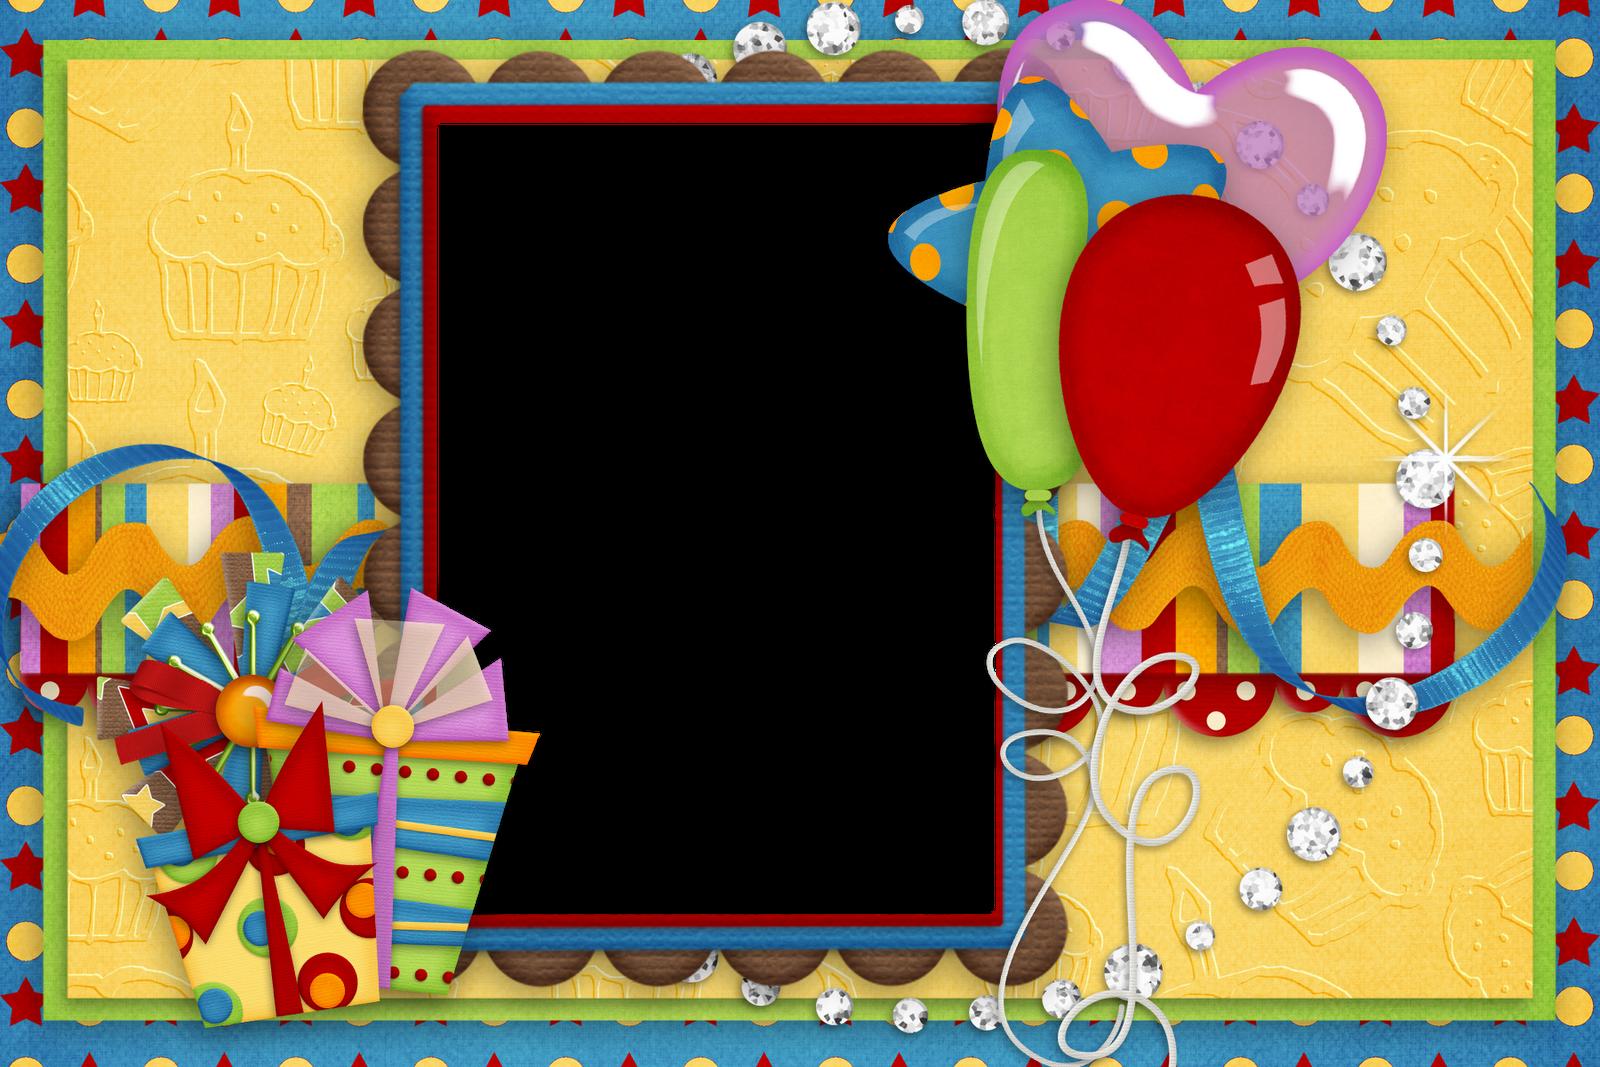 Картинка поздравление с днем рождения мальчику 2 года